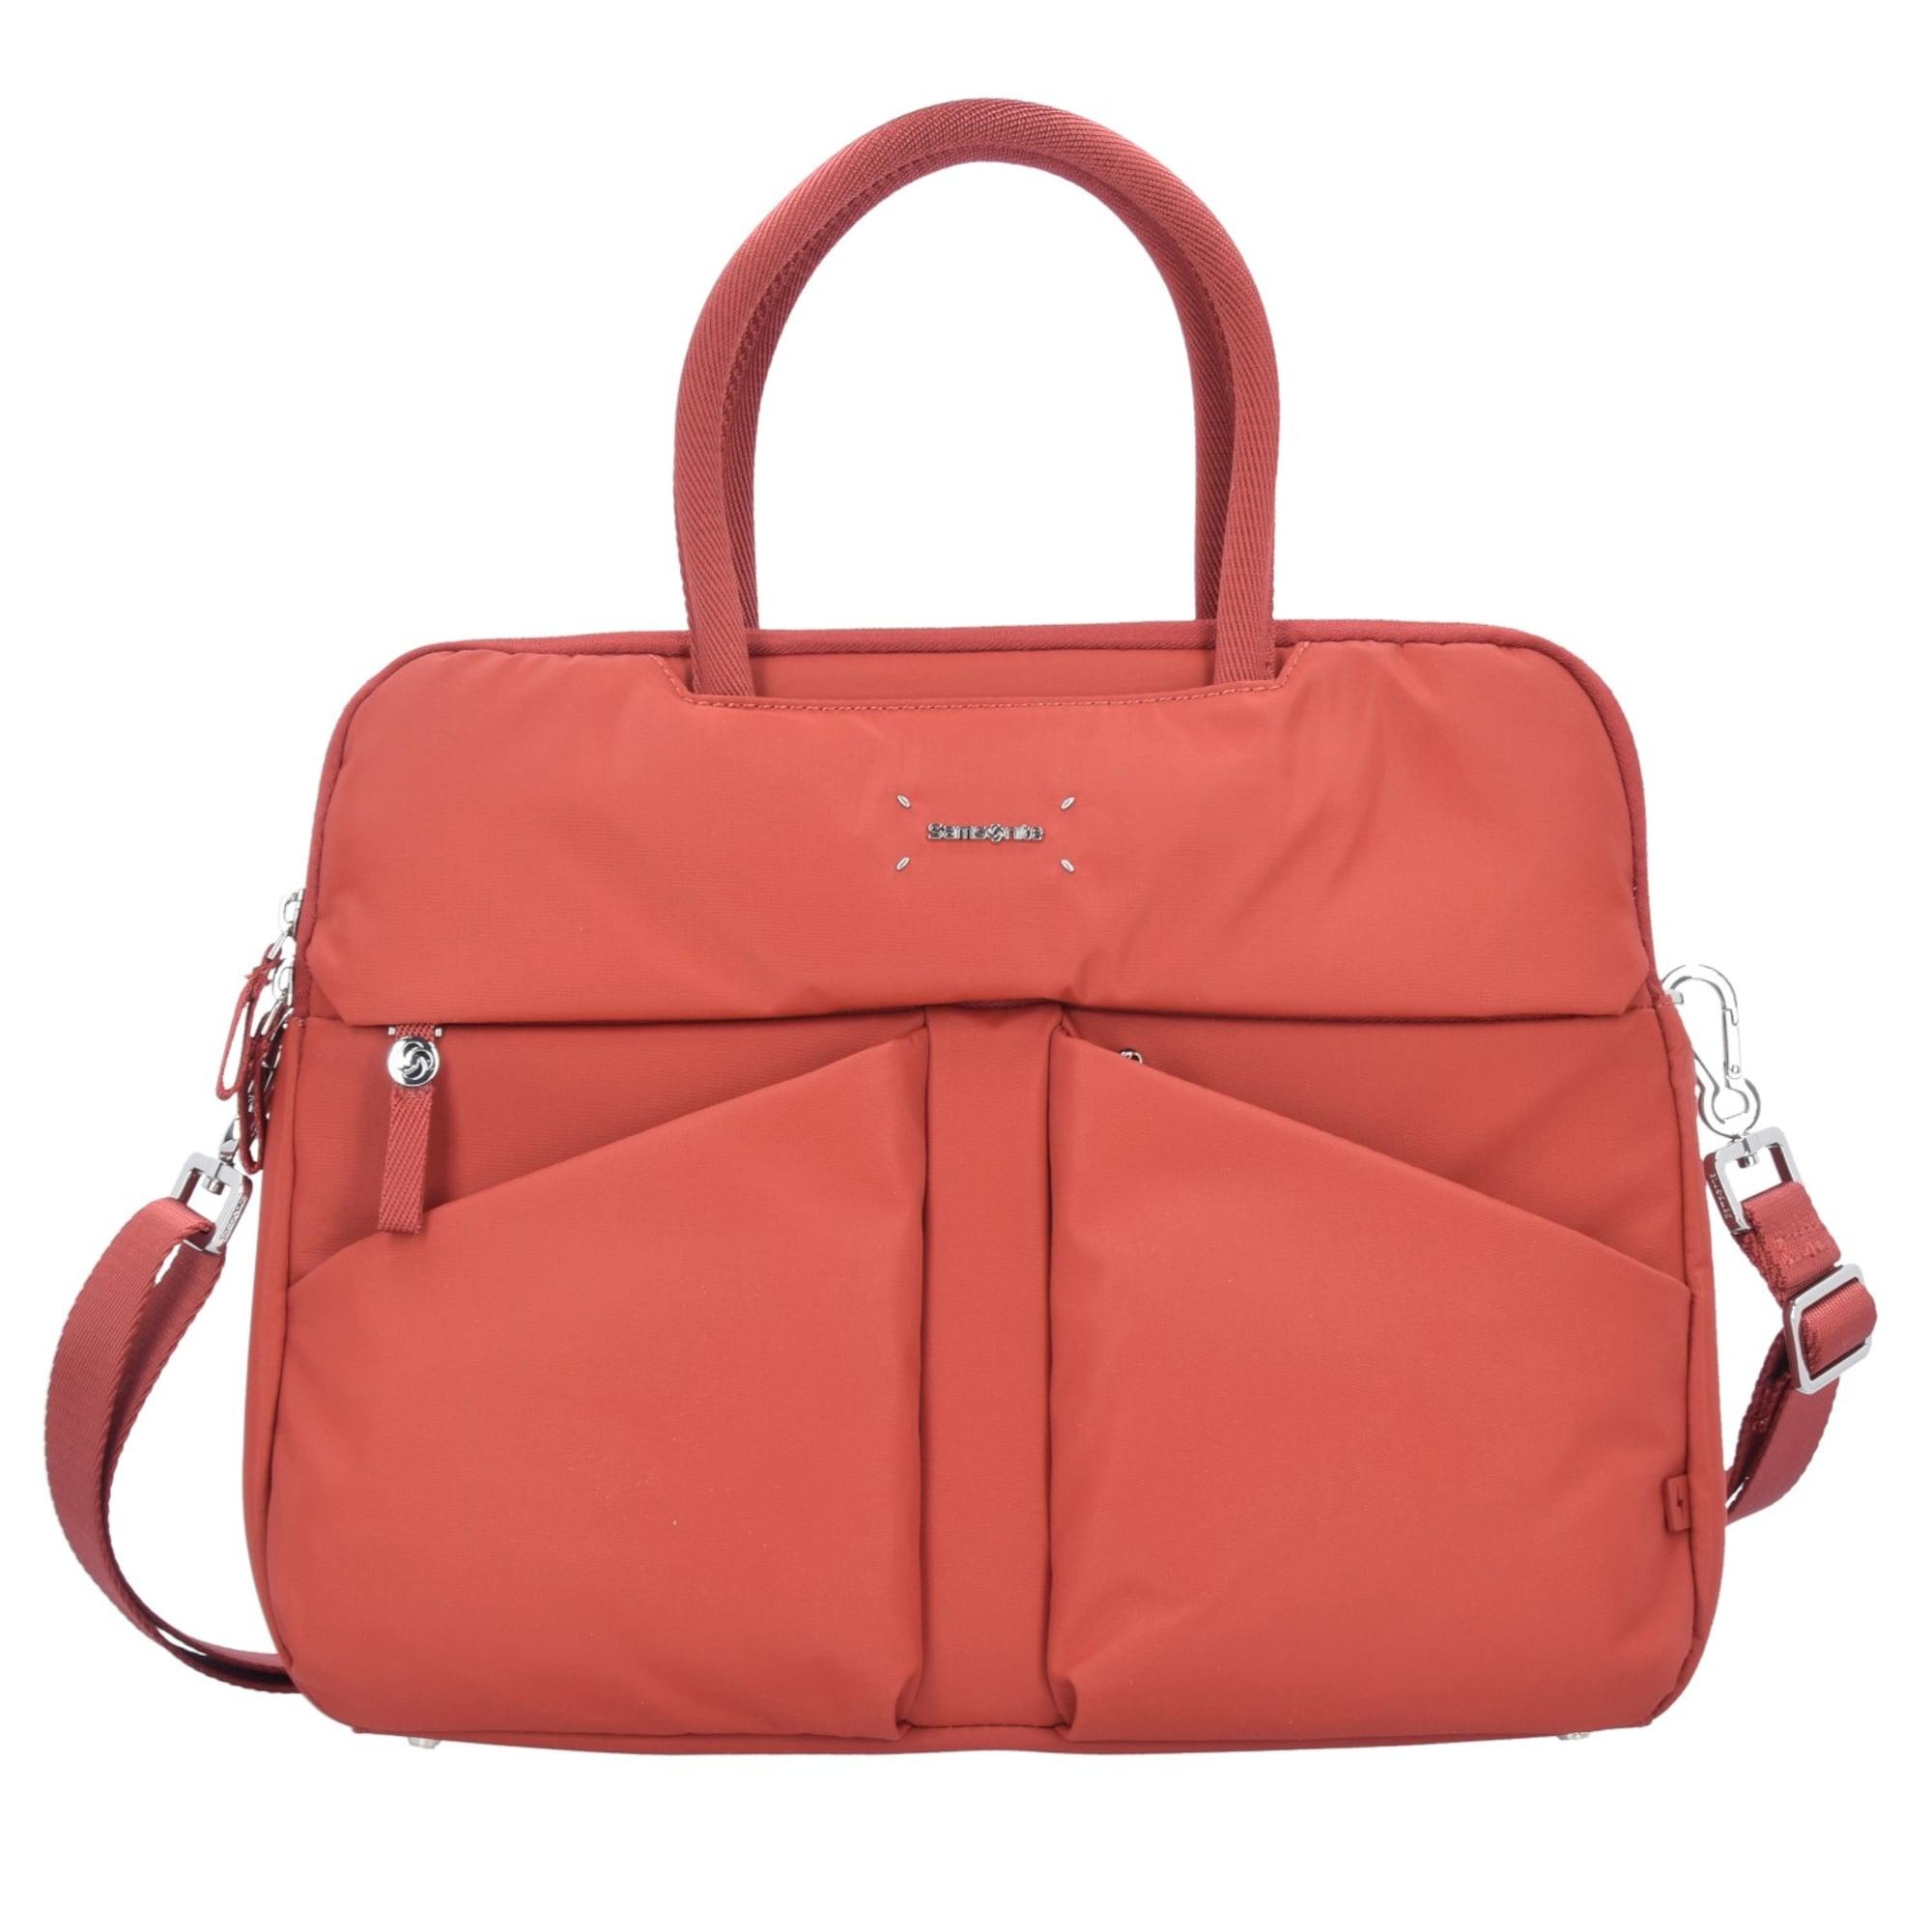 Damen SAMSONITE Lady Tech Businesstasche 37 5 cm Laptopfach braun | 05414847730535